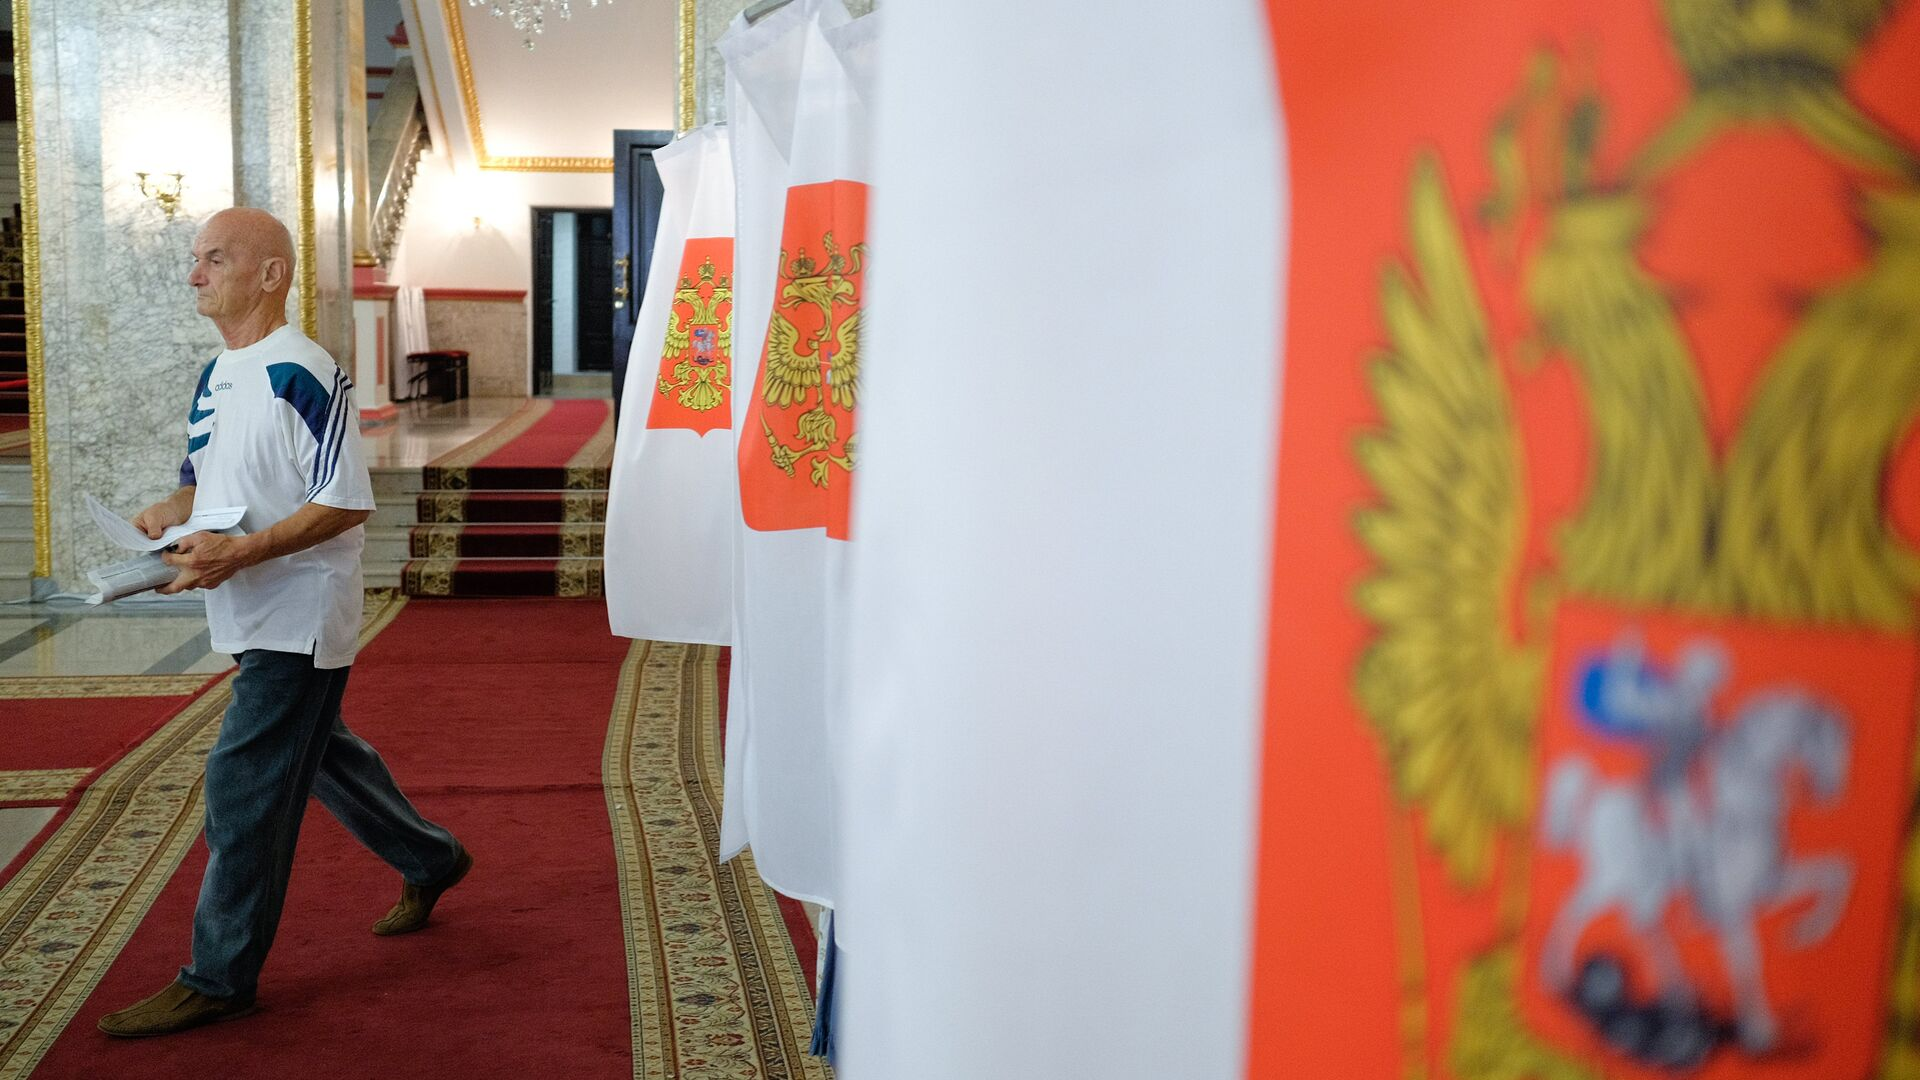 Избиратель в единый день голосования на избирательном участке. 10 сентября 2017 - РИА Новости, 1920, 04.08.2021